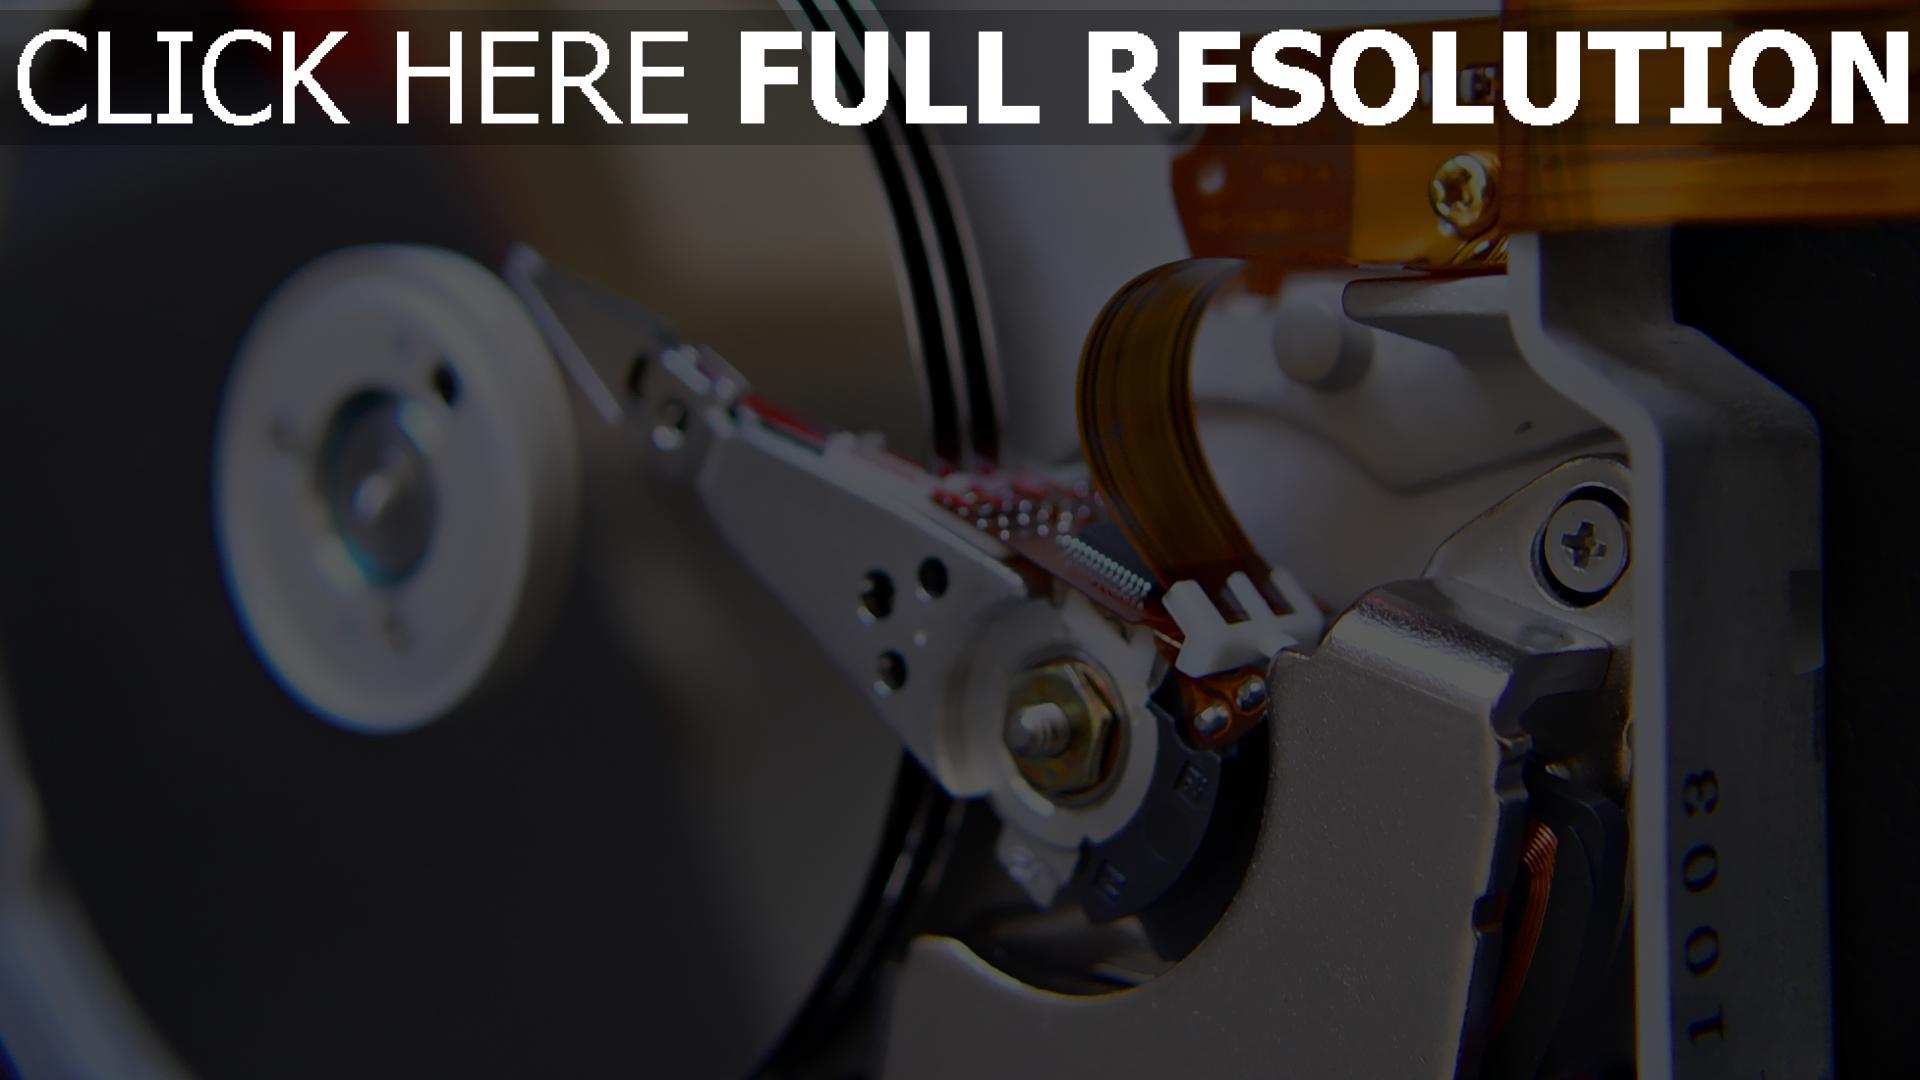 fond d'écran 1920x1080 moteur disque gros plan